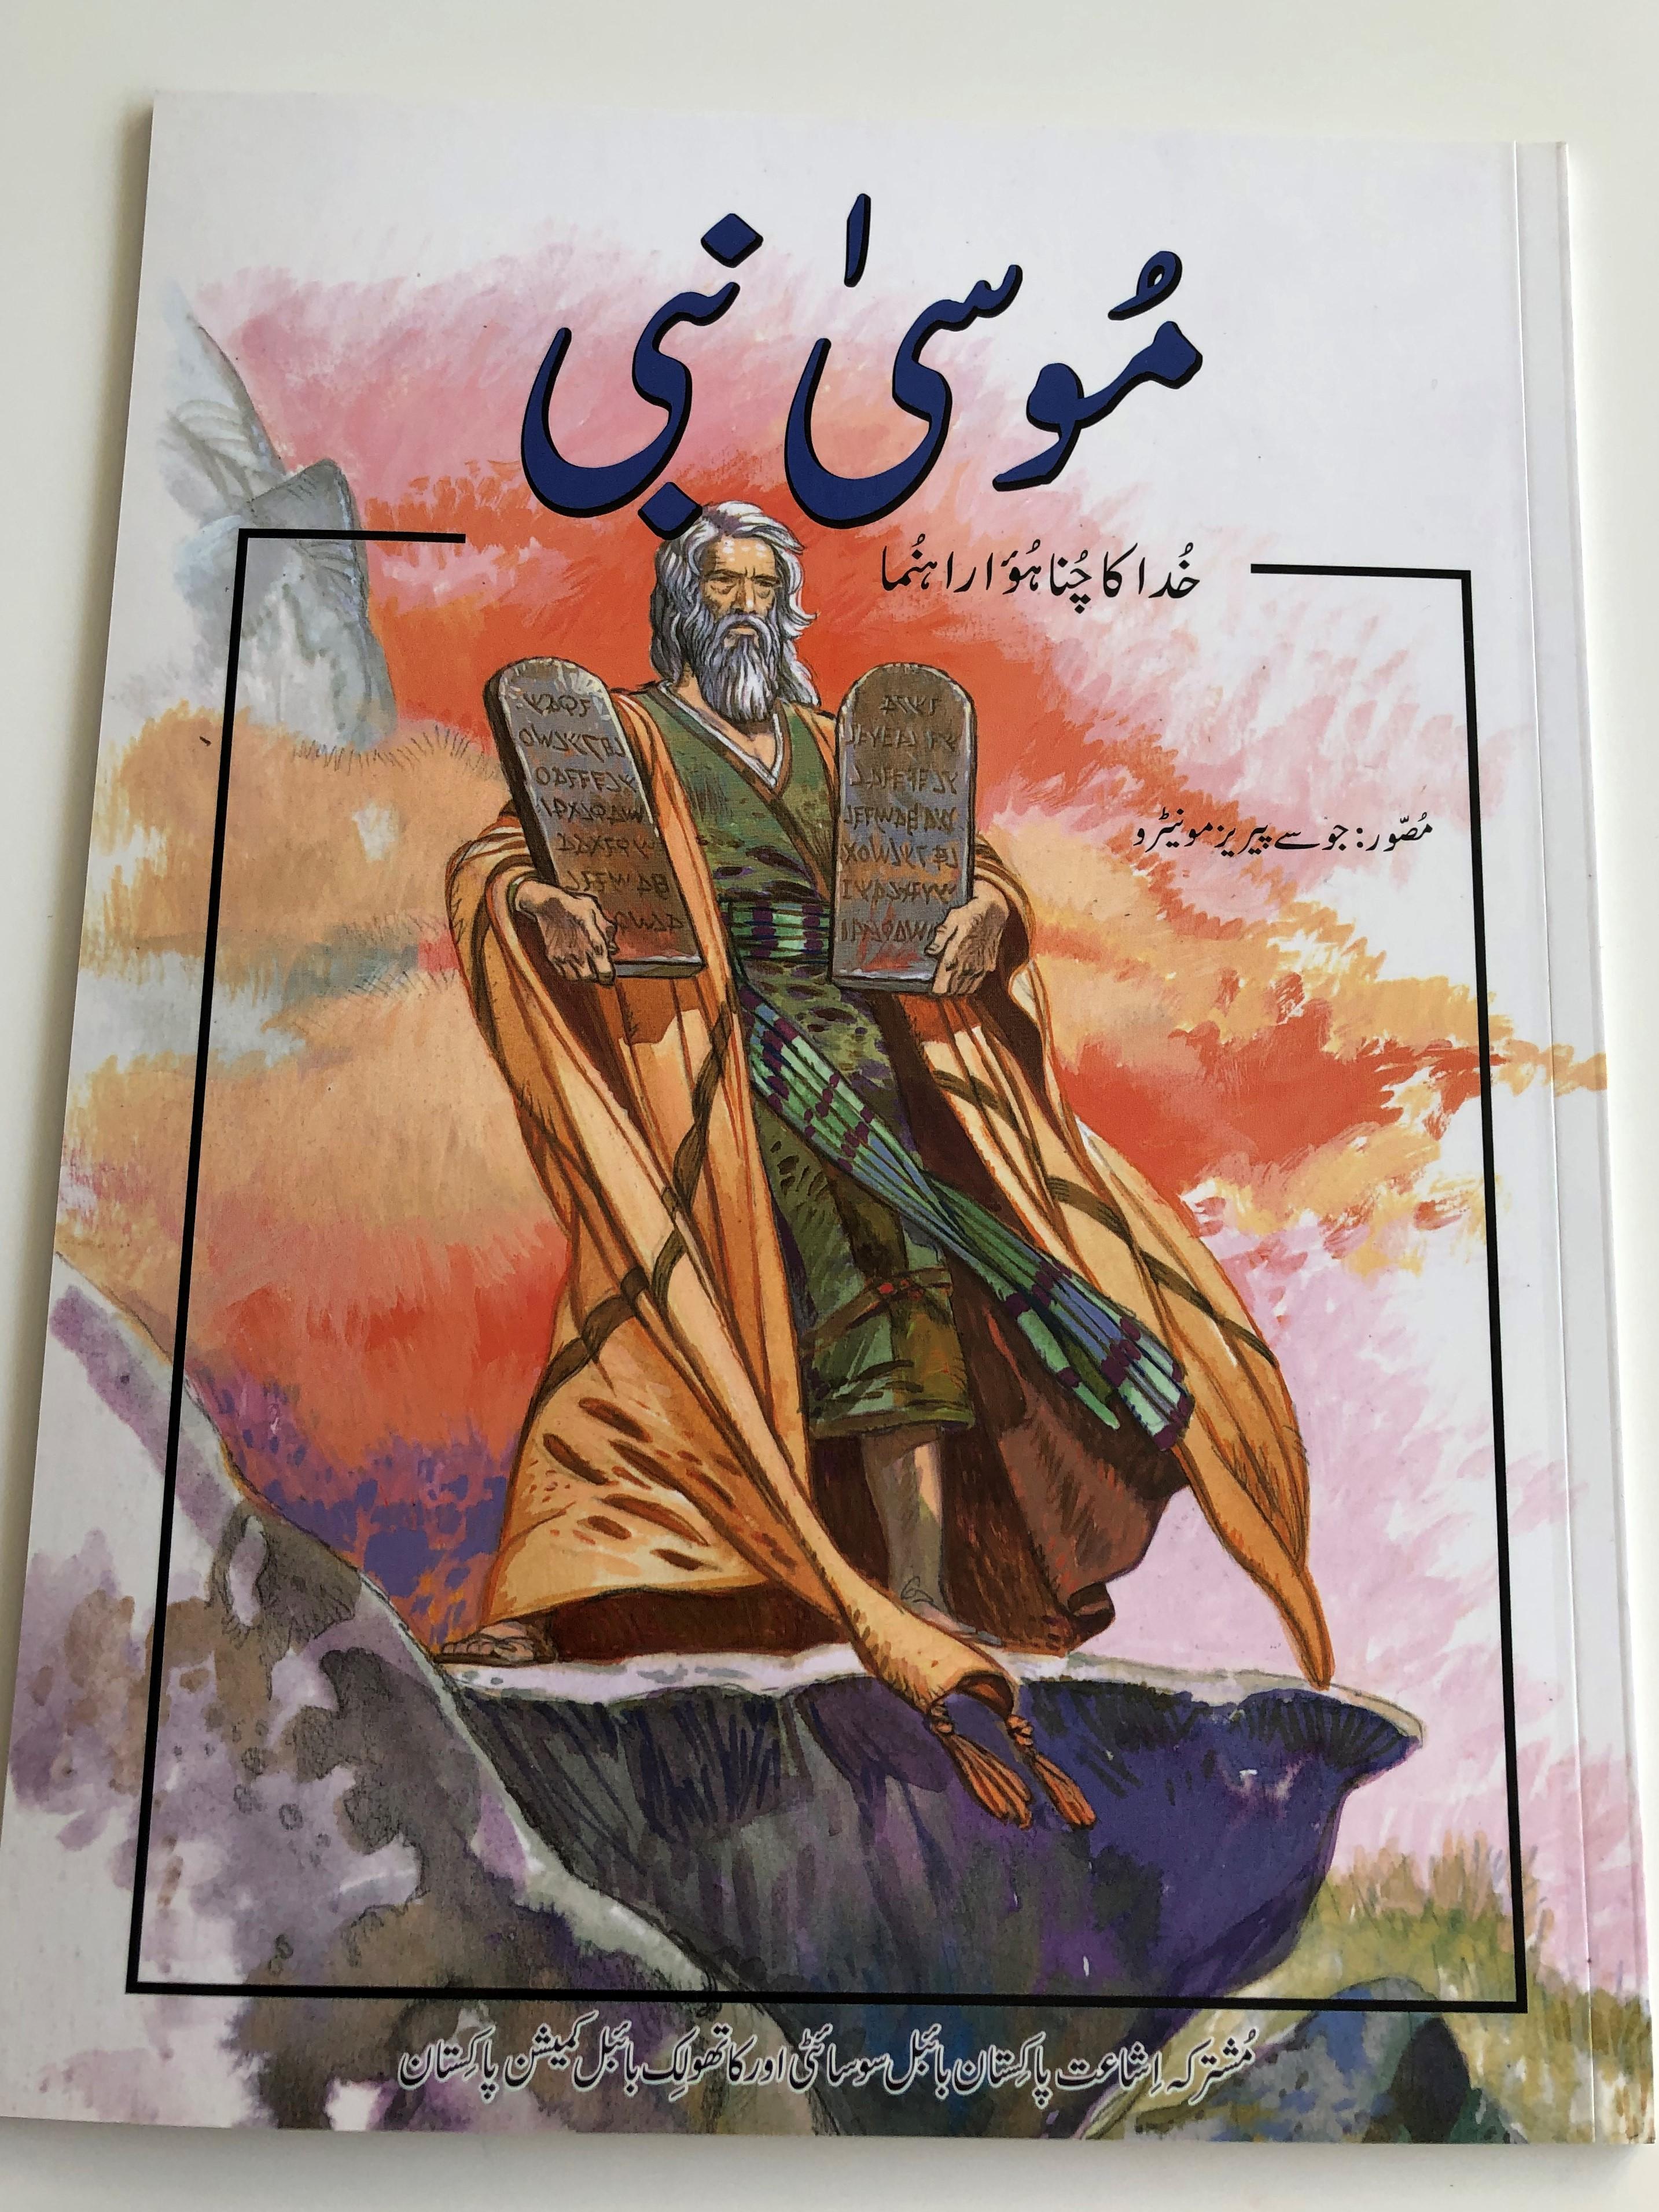 moses-god-s-chosen-leader-urdu-1.jpg